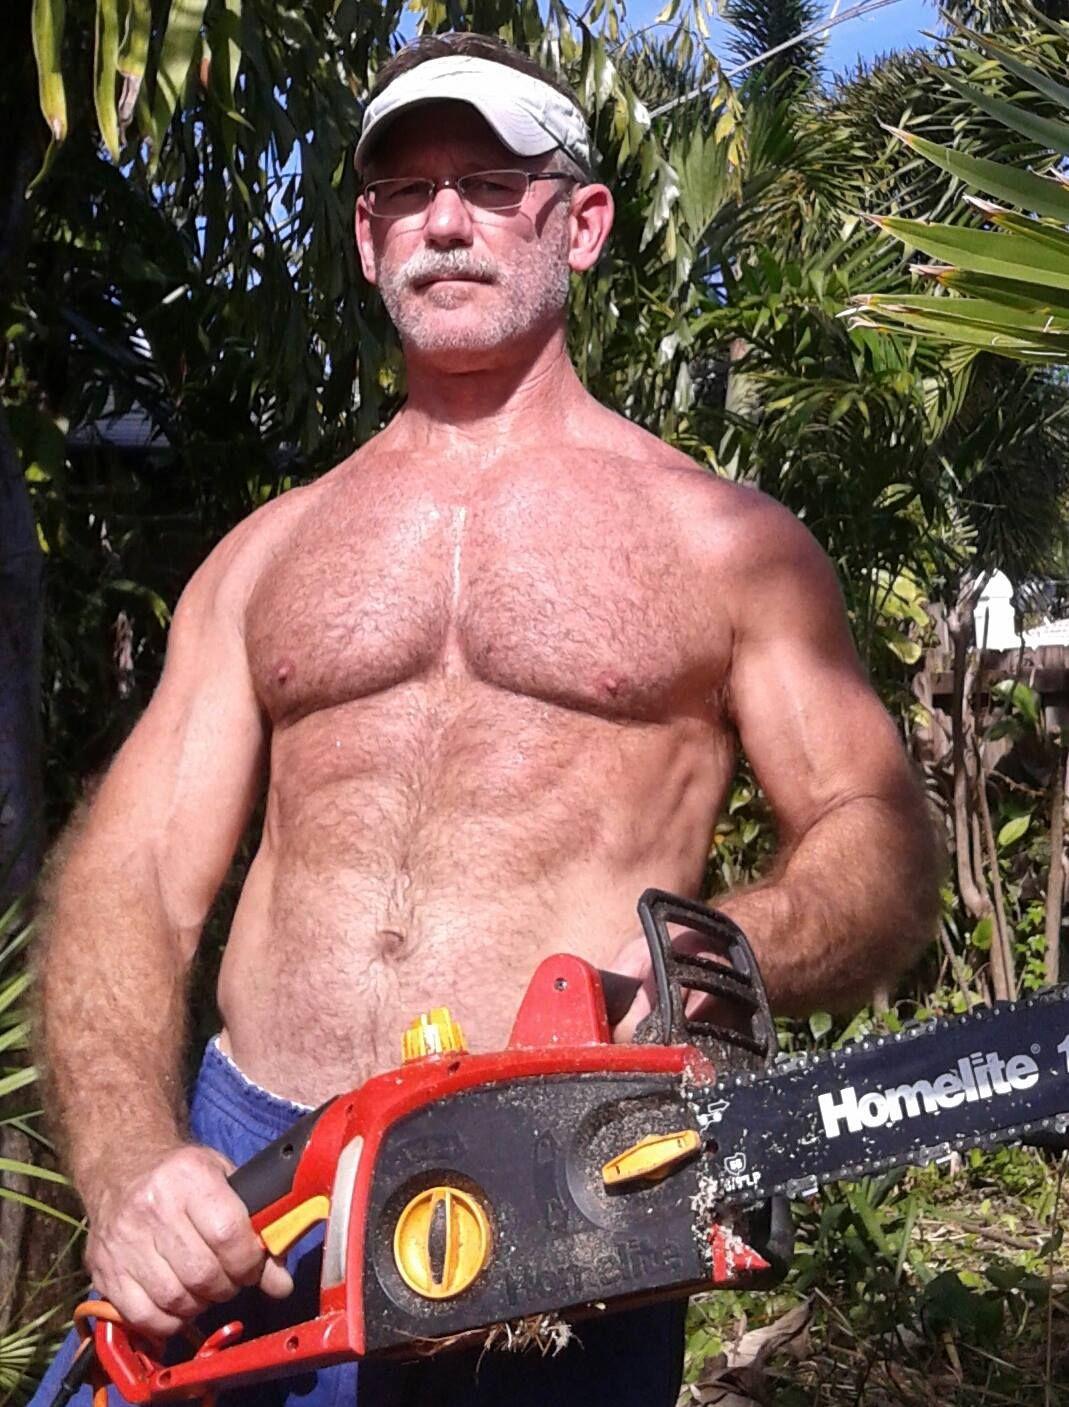 Mature ladies nude selfies